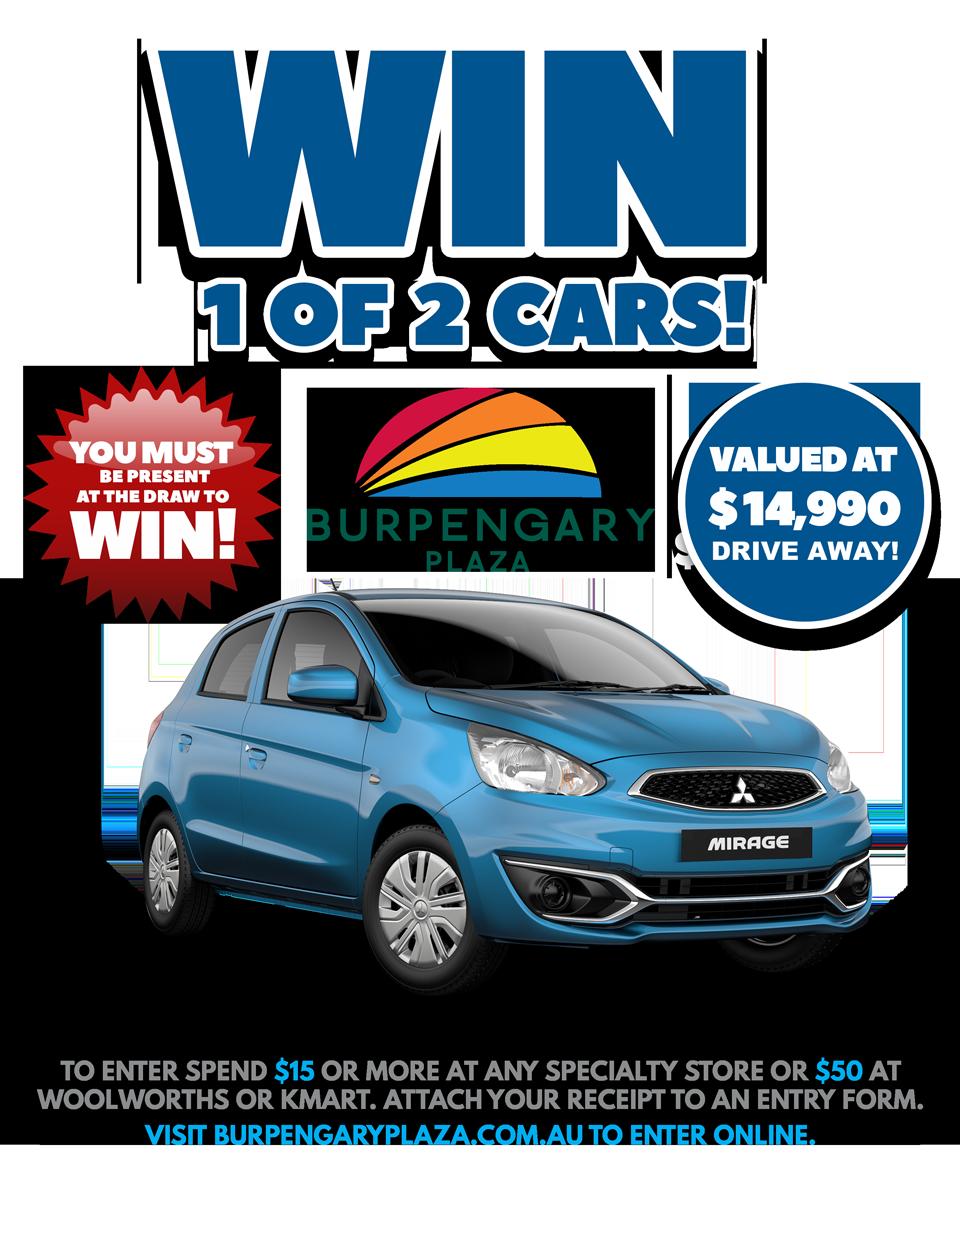 Win 1 of 2 Cars Burpengary Plaza   Burpengary Plaza